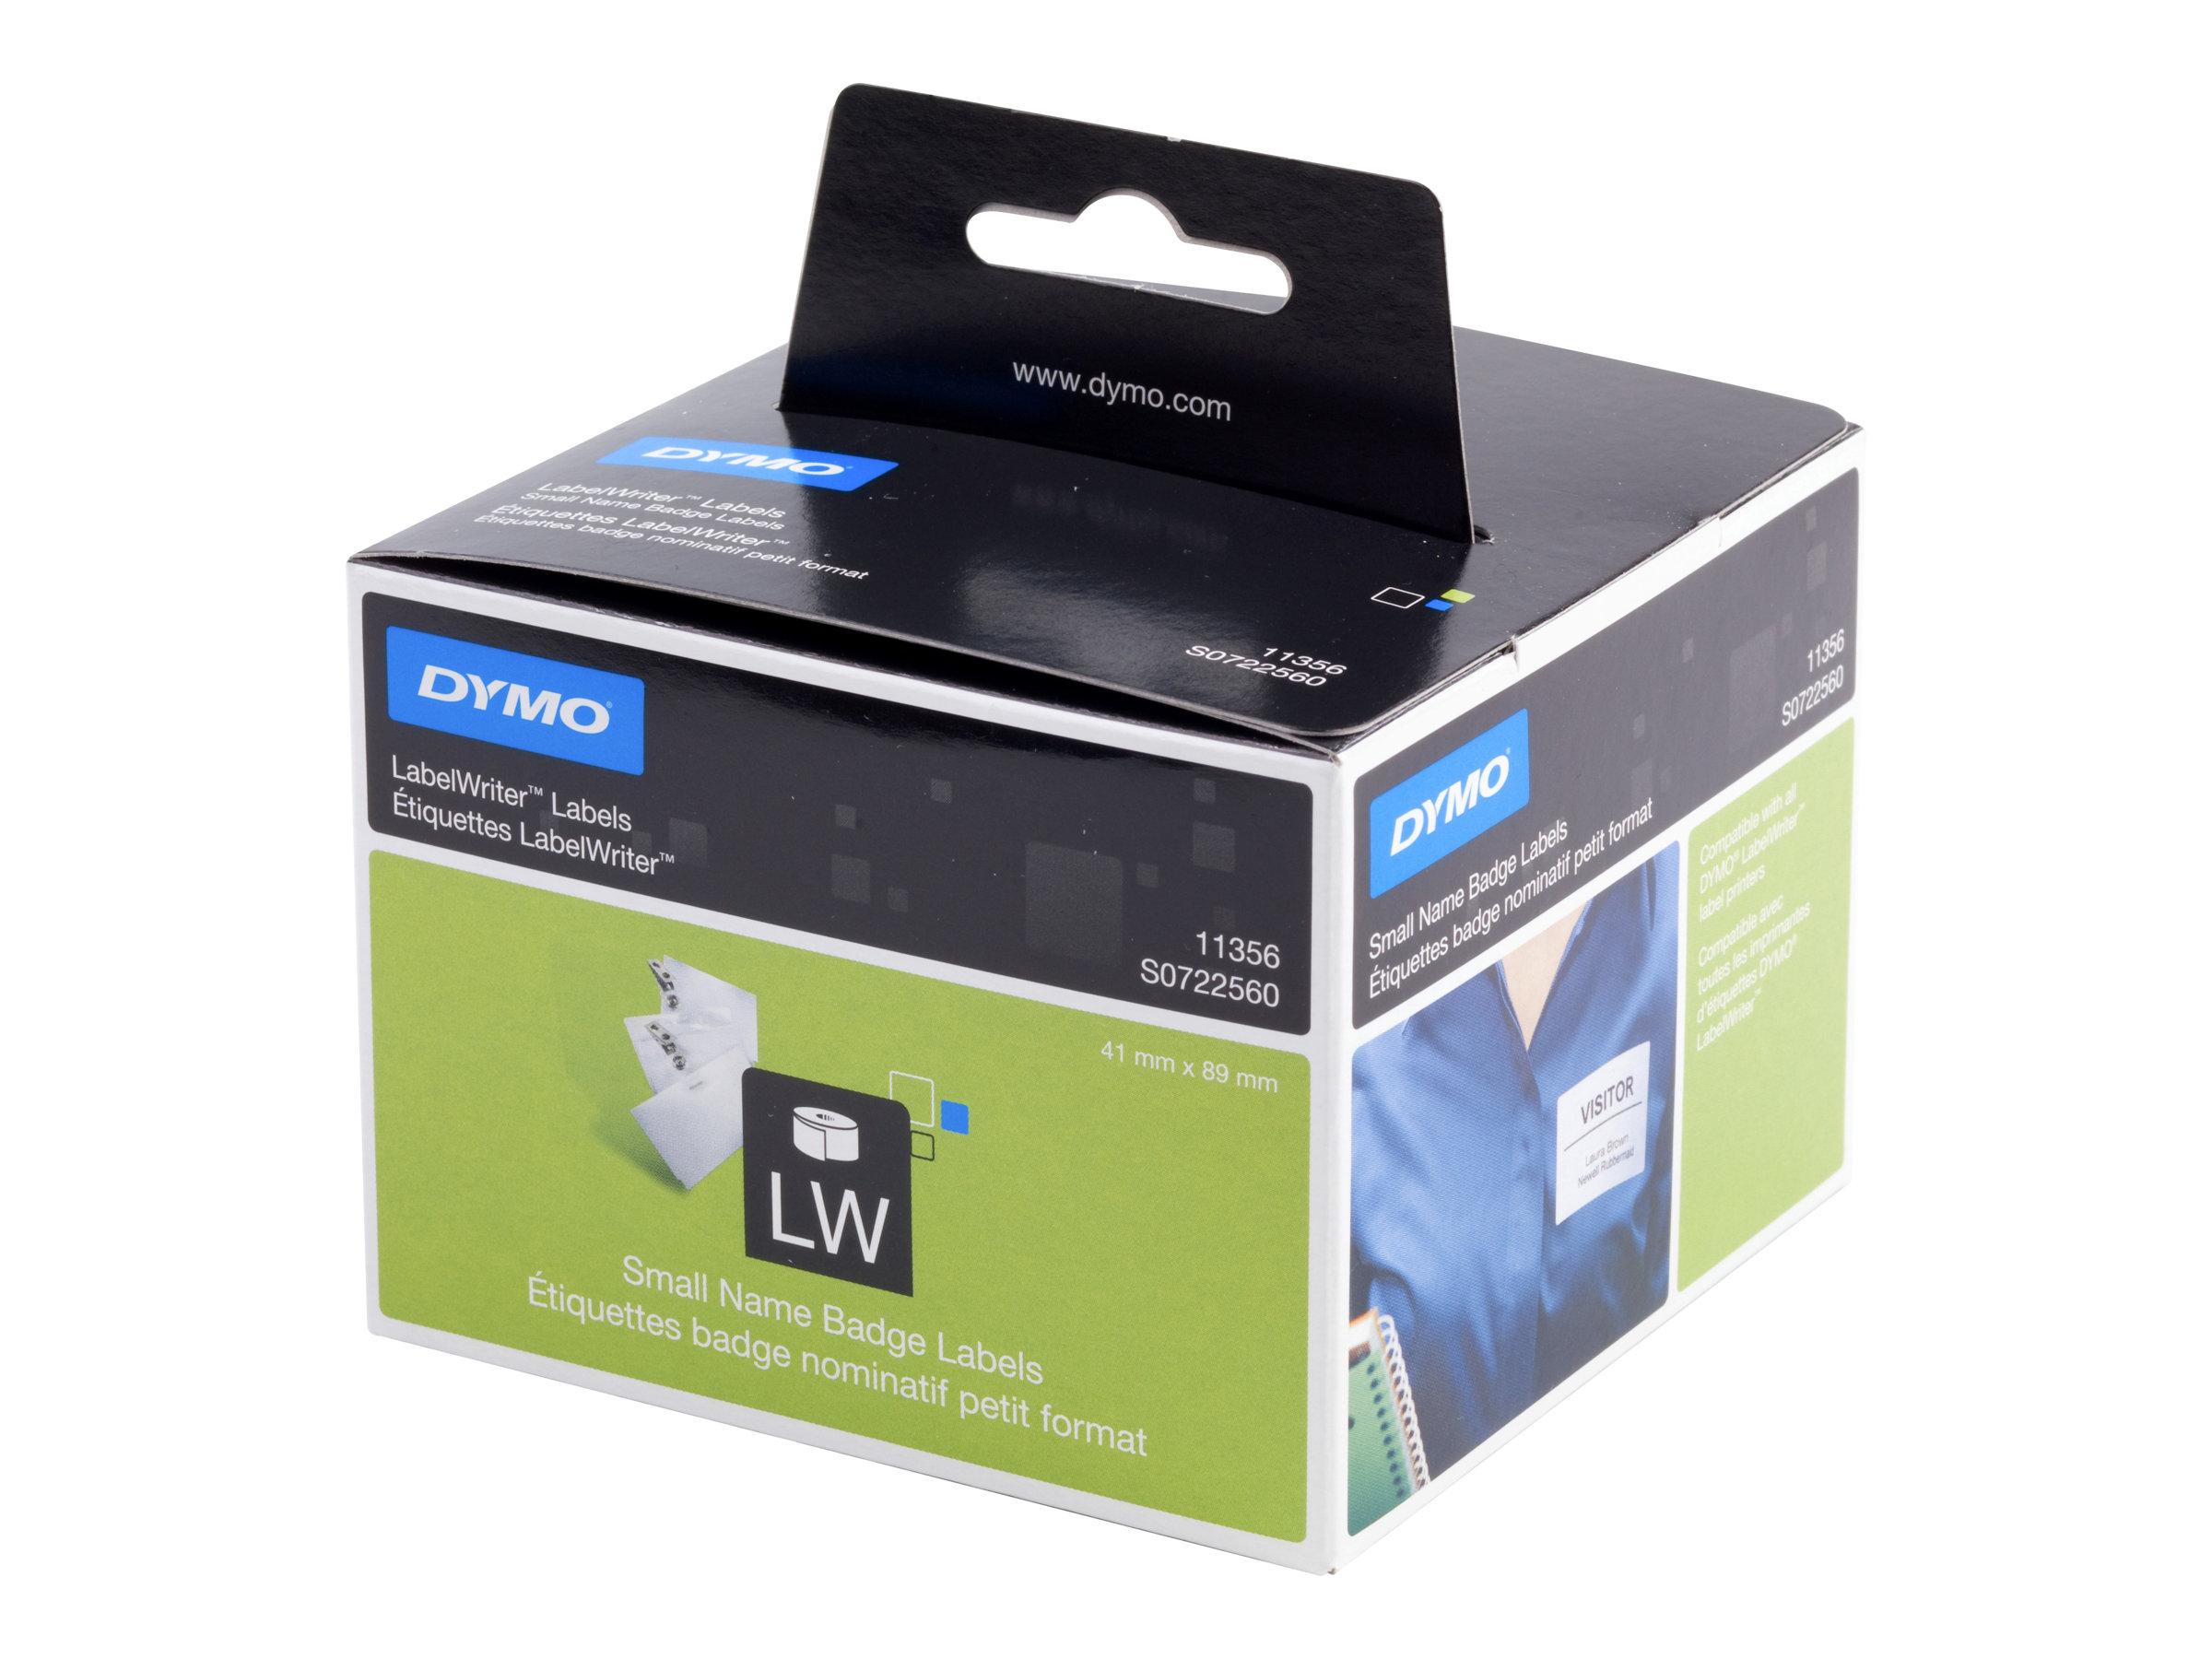 DYMO LabelWriter - Weiss - 89 x 41 mm 300 Etikett(en) (1 Rolle(n) x 300) Namensetiketten - für DYMO LabelWriter